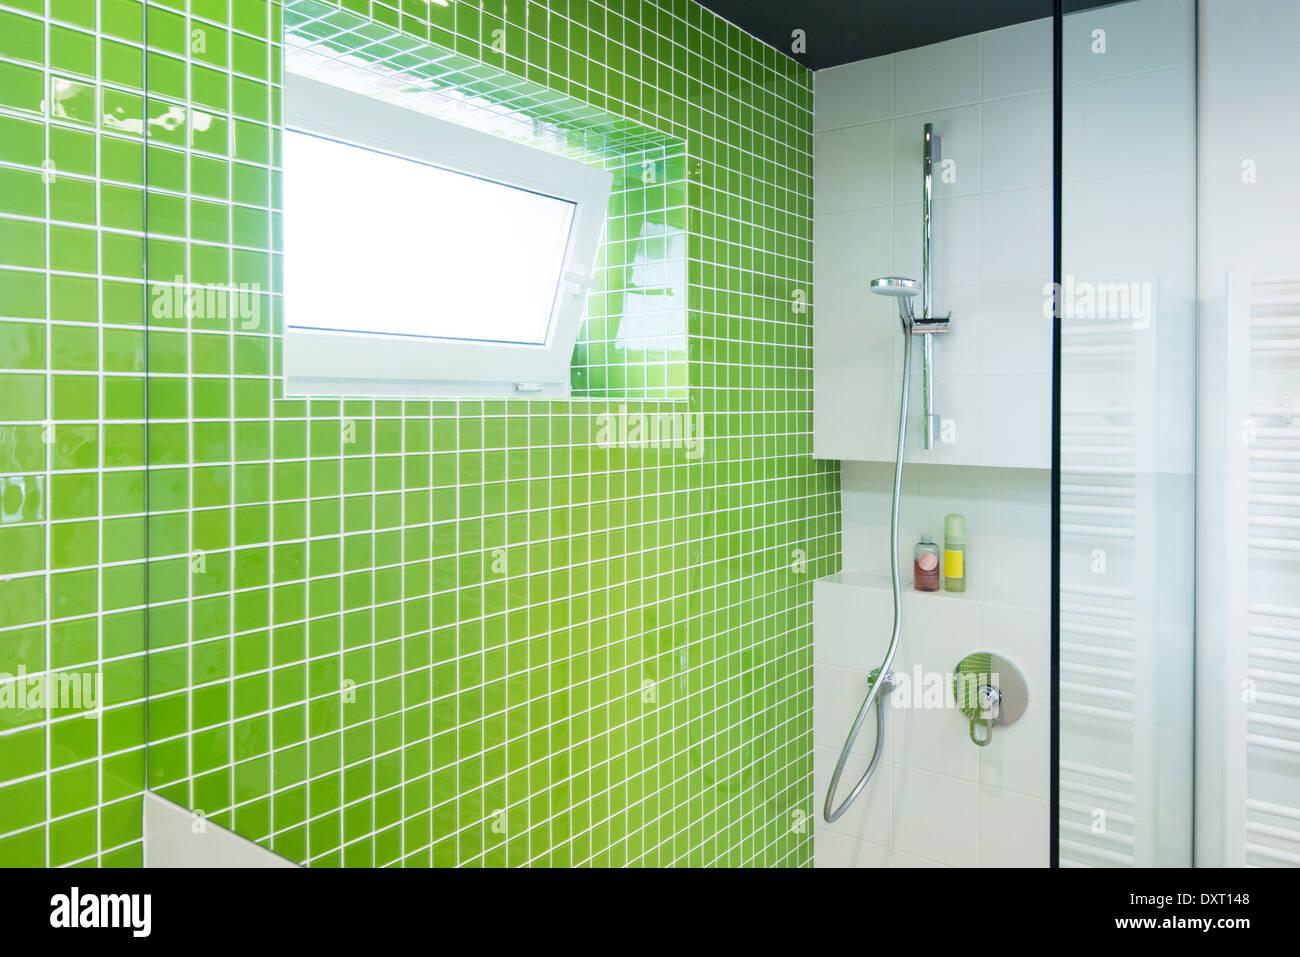 Piastrelle del bagno immagini & piastrelle del bagno fotos stock alamy